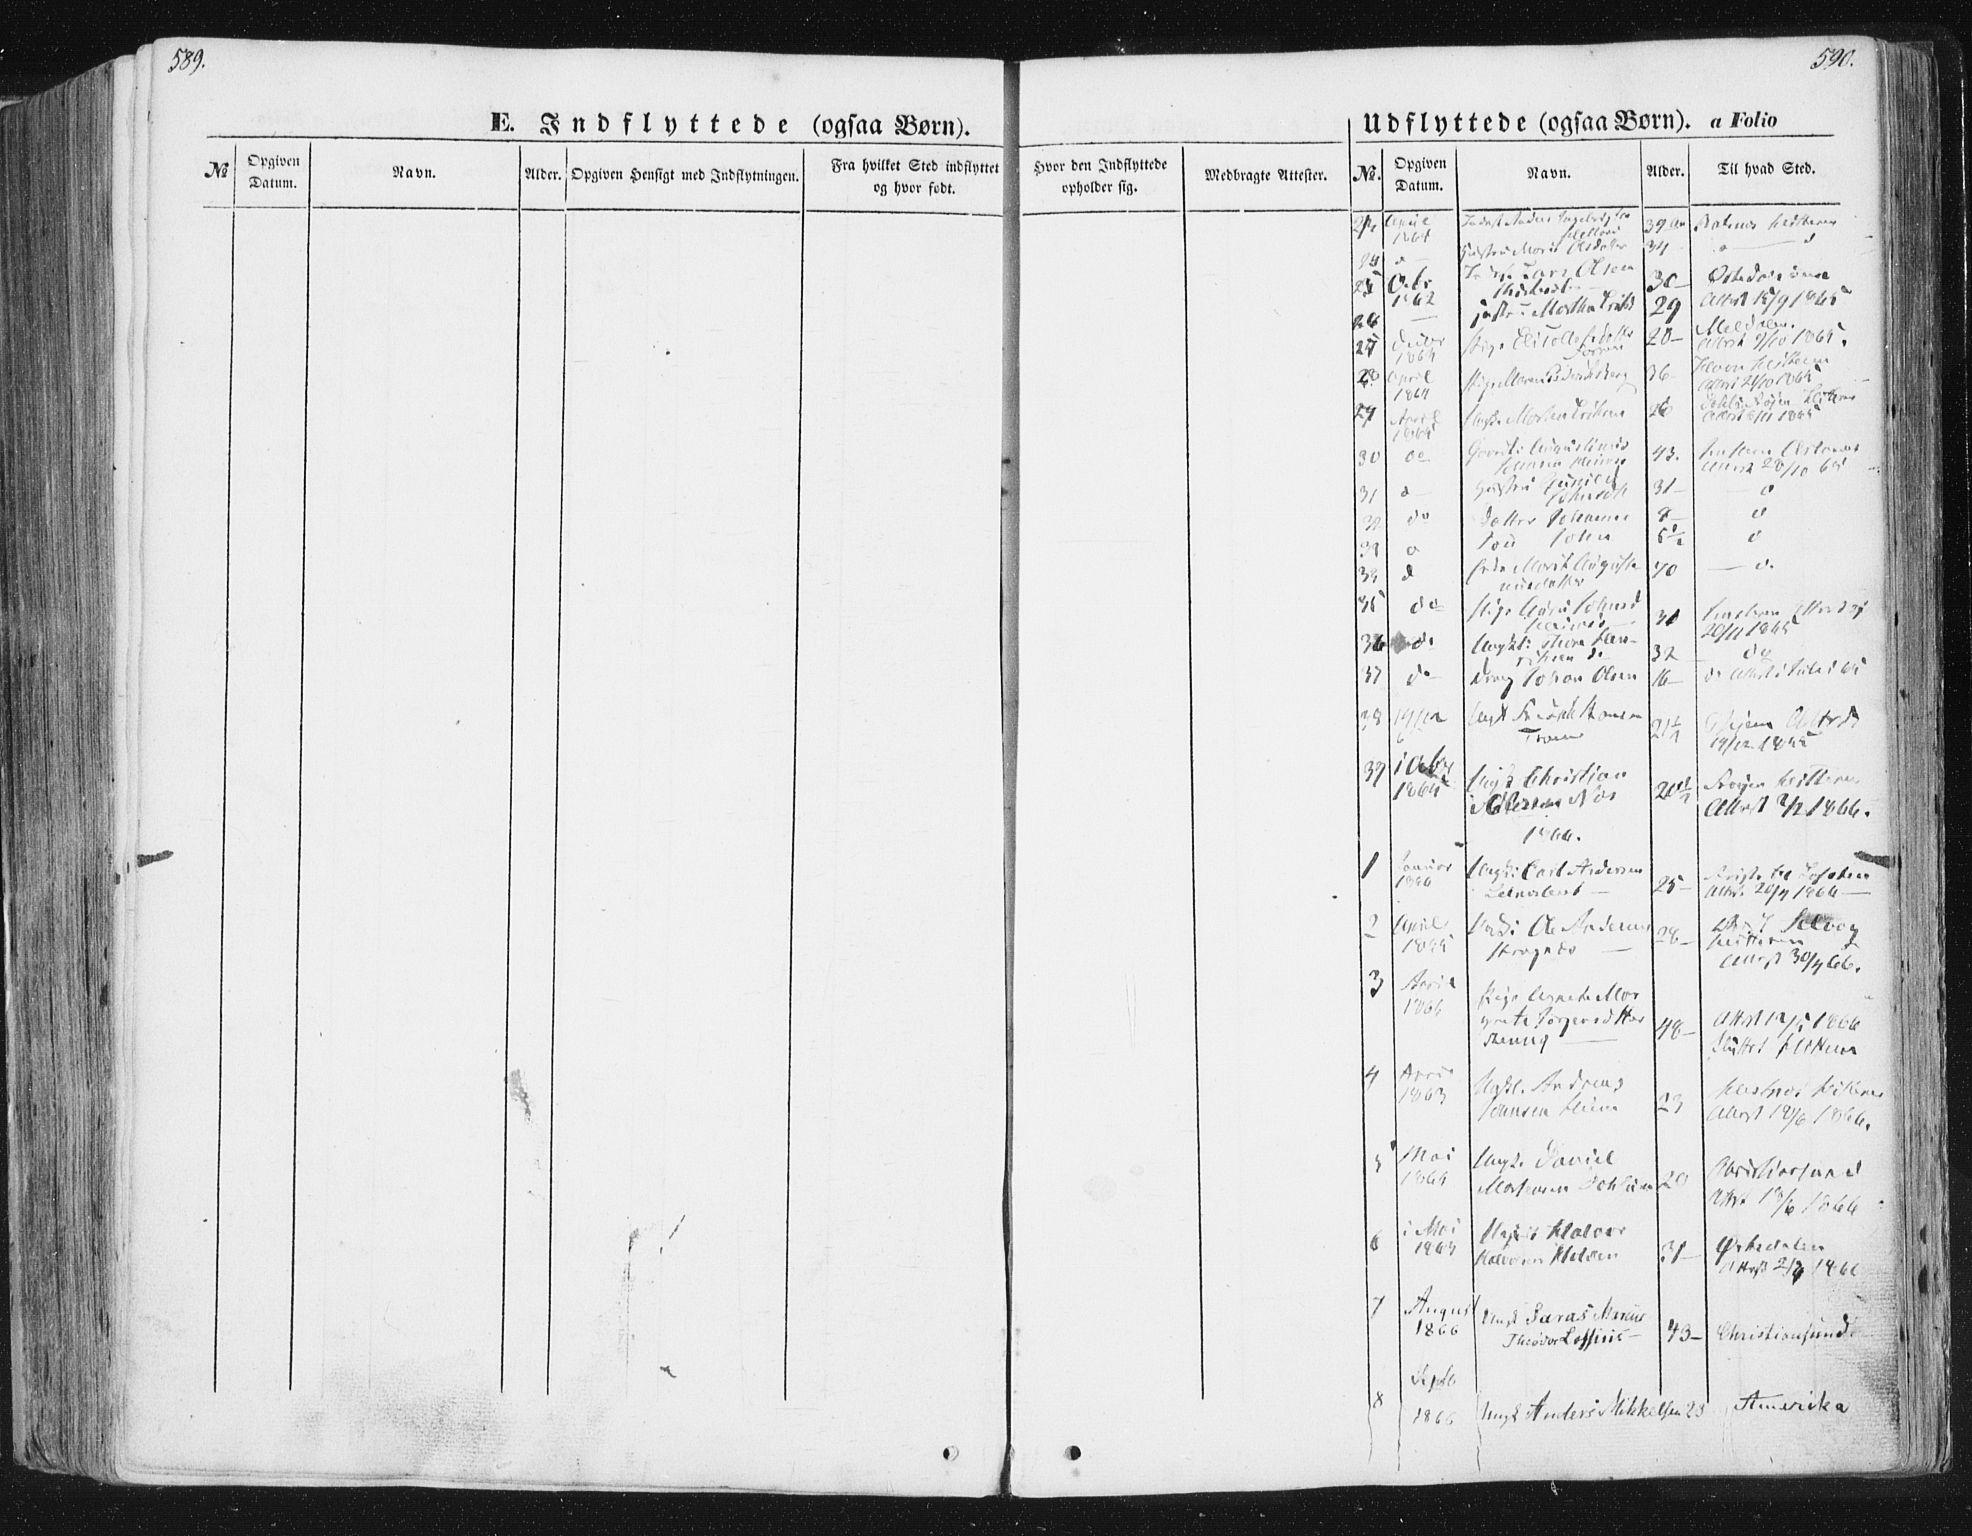 SAT, Ministerialprotokoller, klokkerbøker og fødselsregistre - Sør-Trøndelag, 630/L0494: Ministerialbok nr. 630A07, 1852-1868, s. 589-590